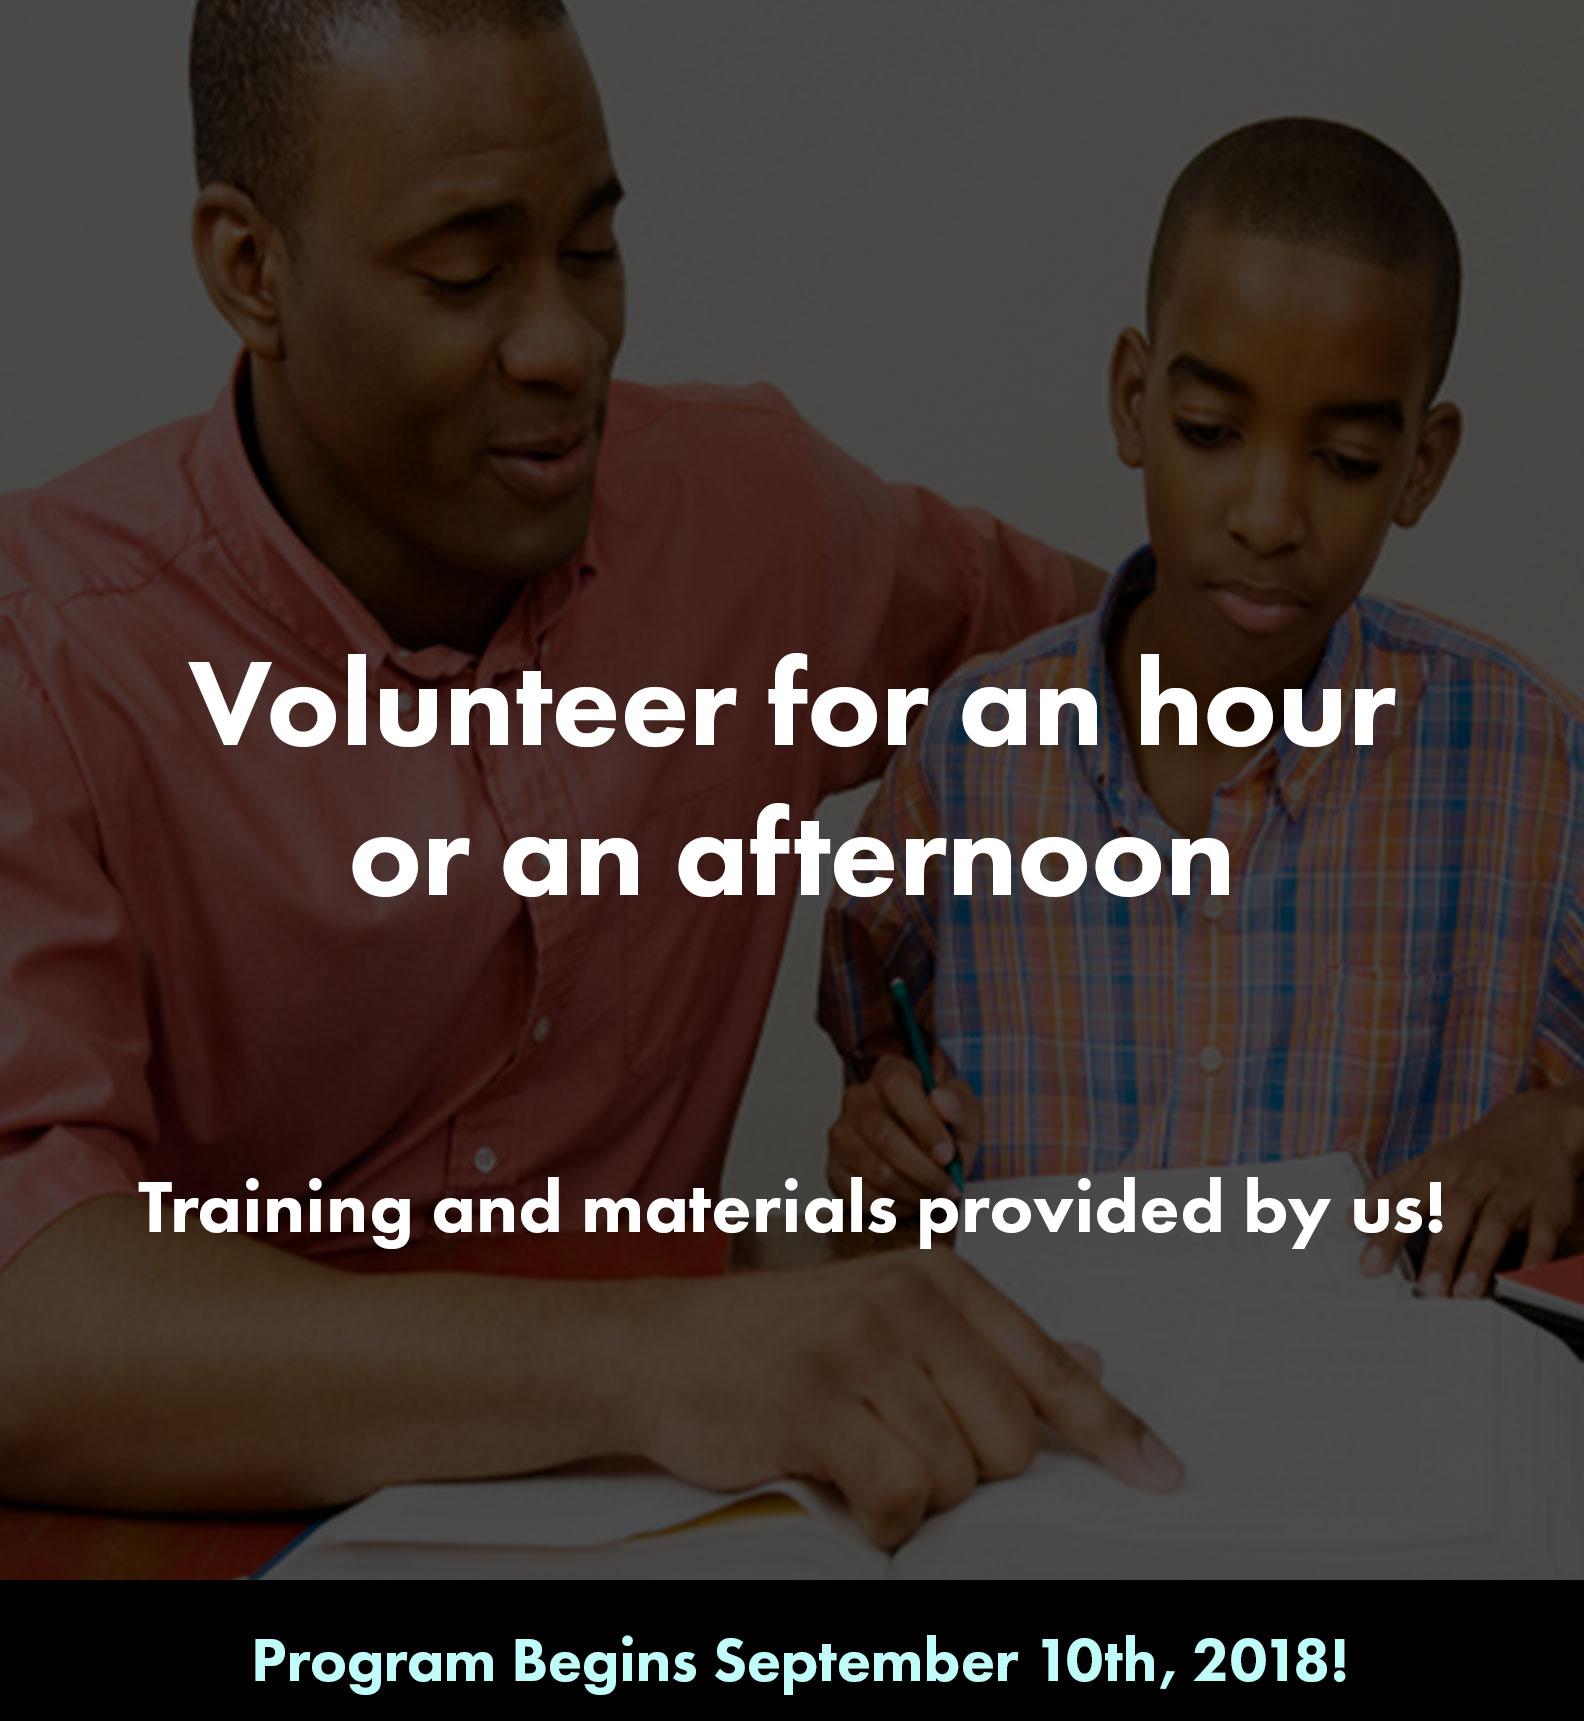 Volunteer-Img.jpg